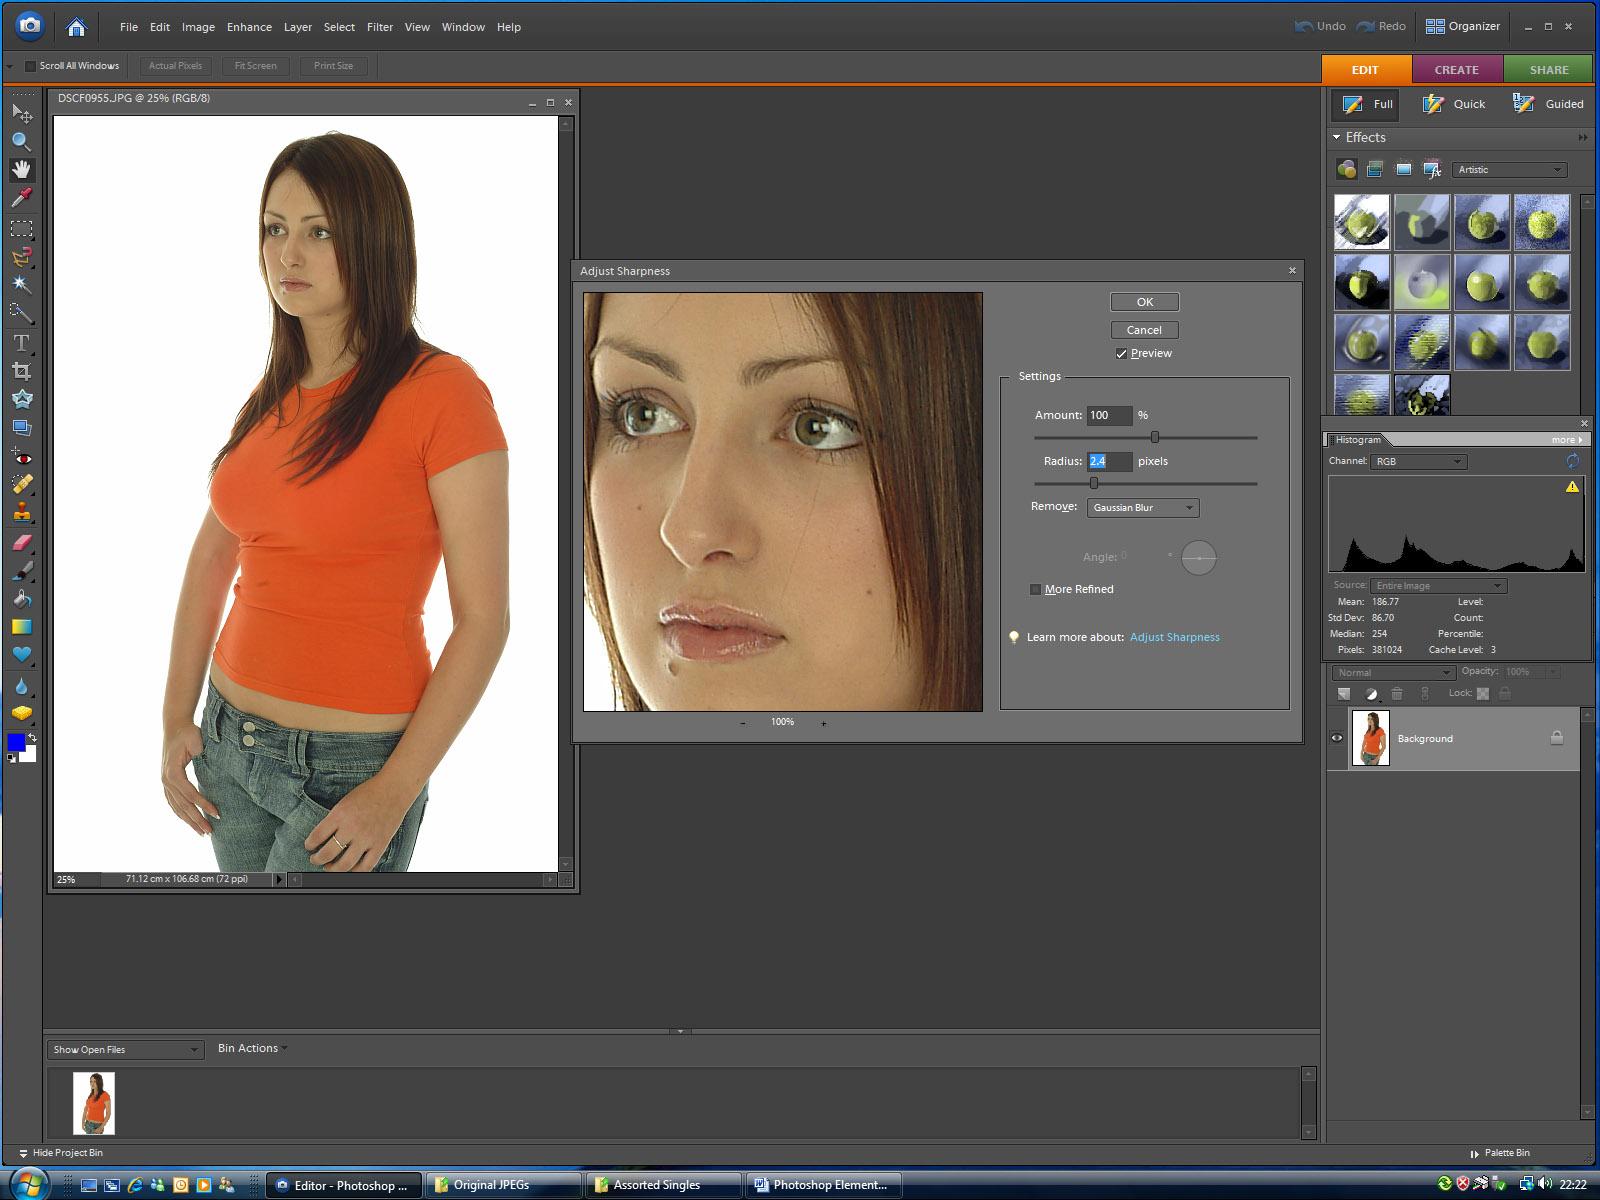 15 Adobe Photoshop Elements Images